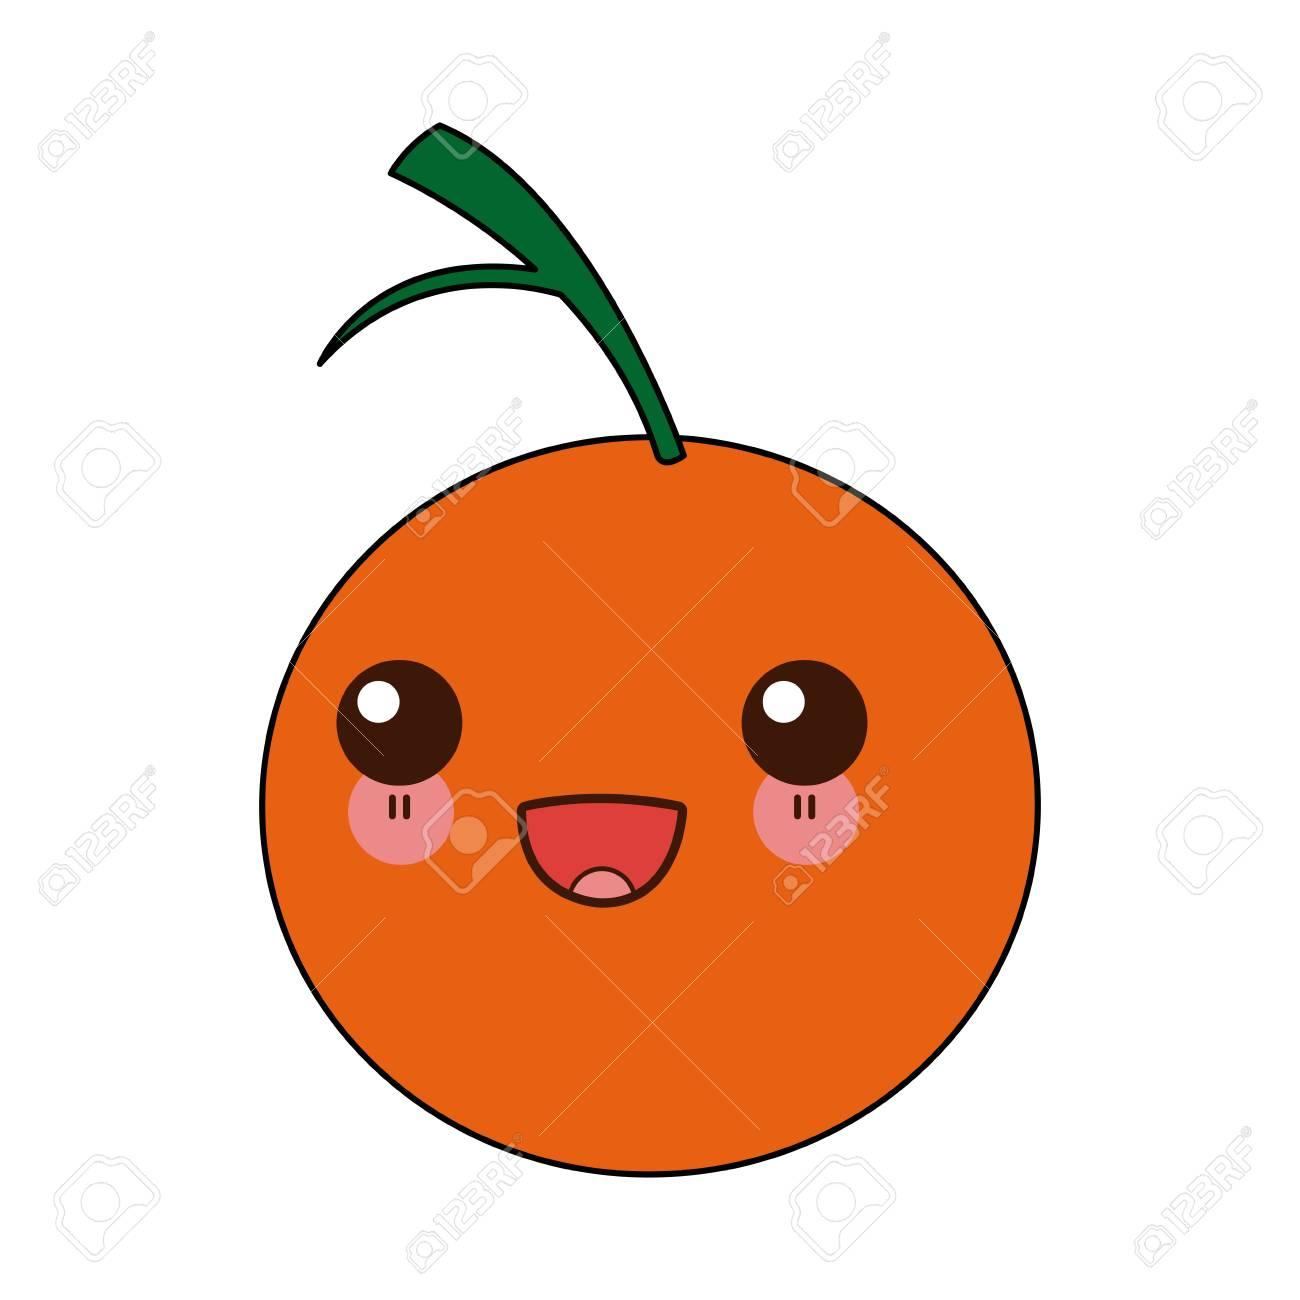 Ilustración De Vector De Dibujos Animados De Nutrición De Vitaminas De Fruta Naranja Cítrica